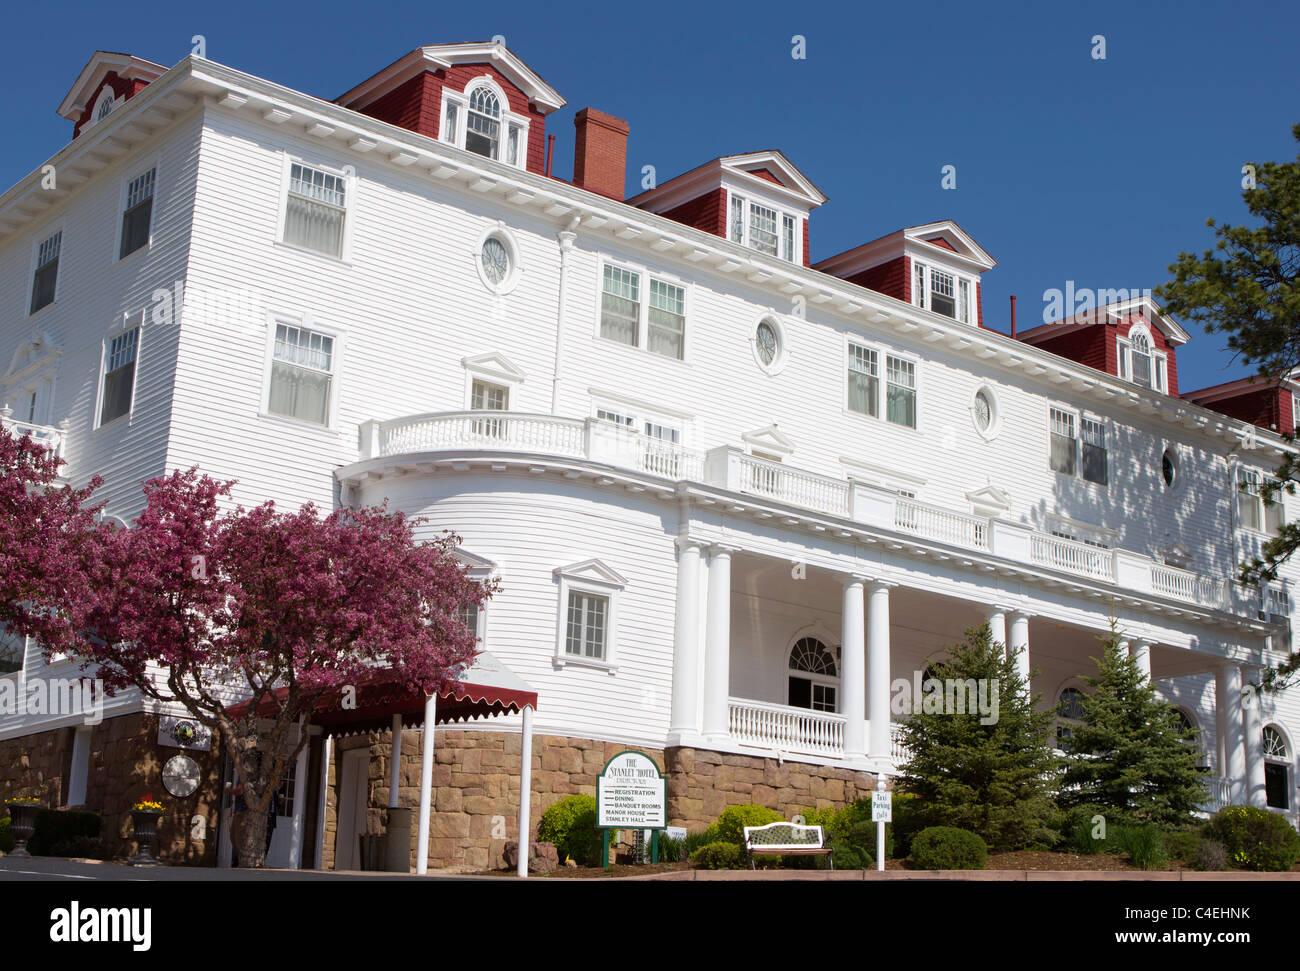 The Stanley Hotel, Estes Park Colorado - Stock Image